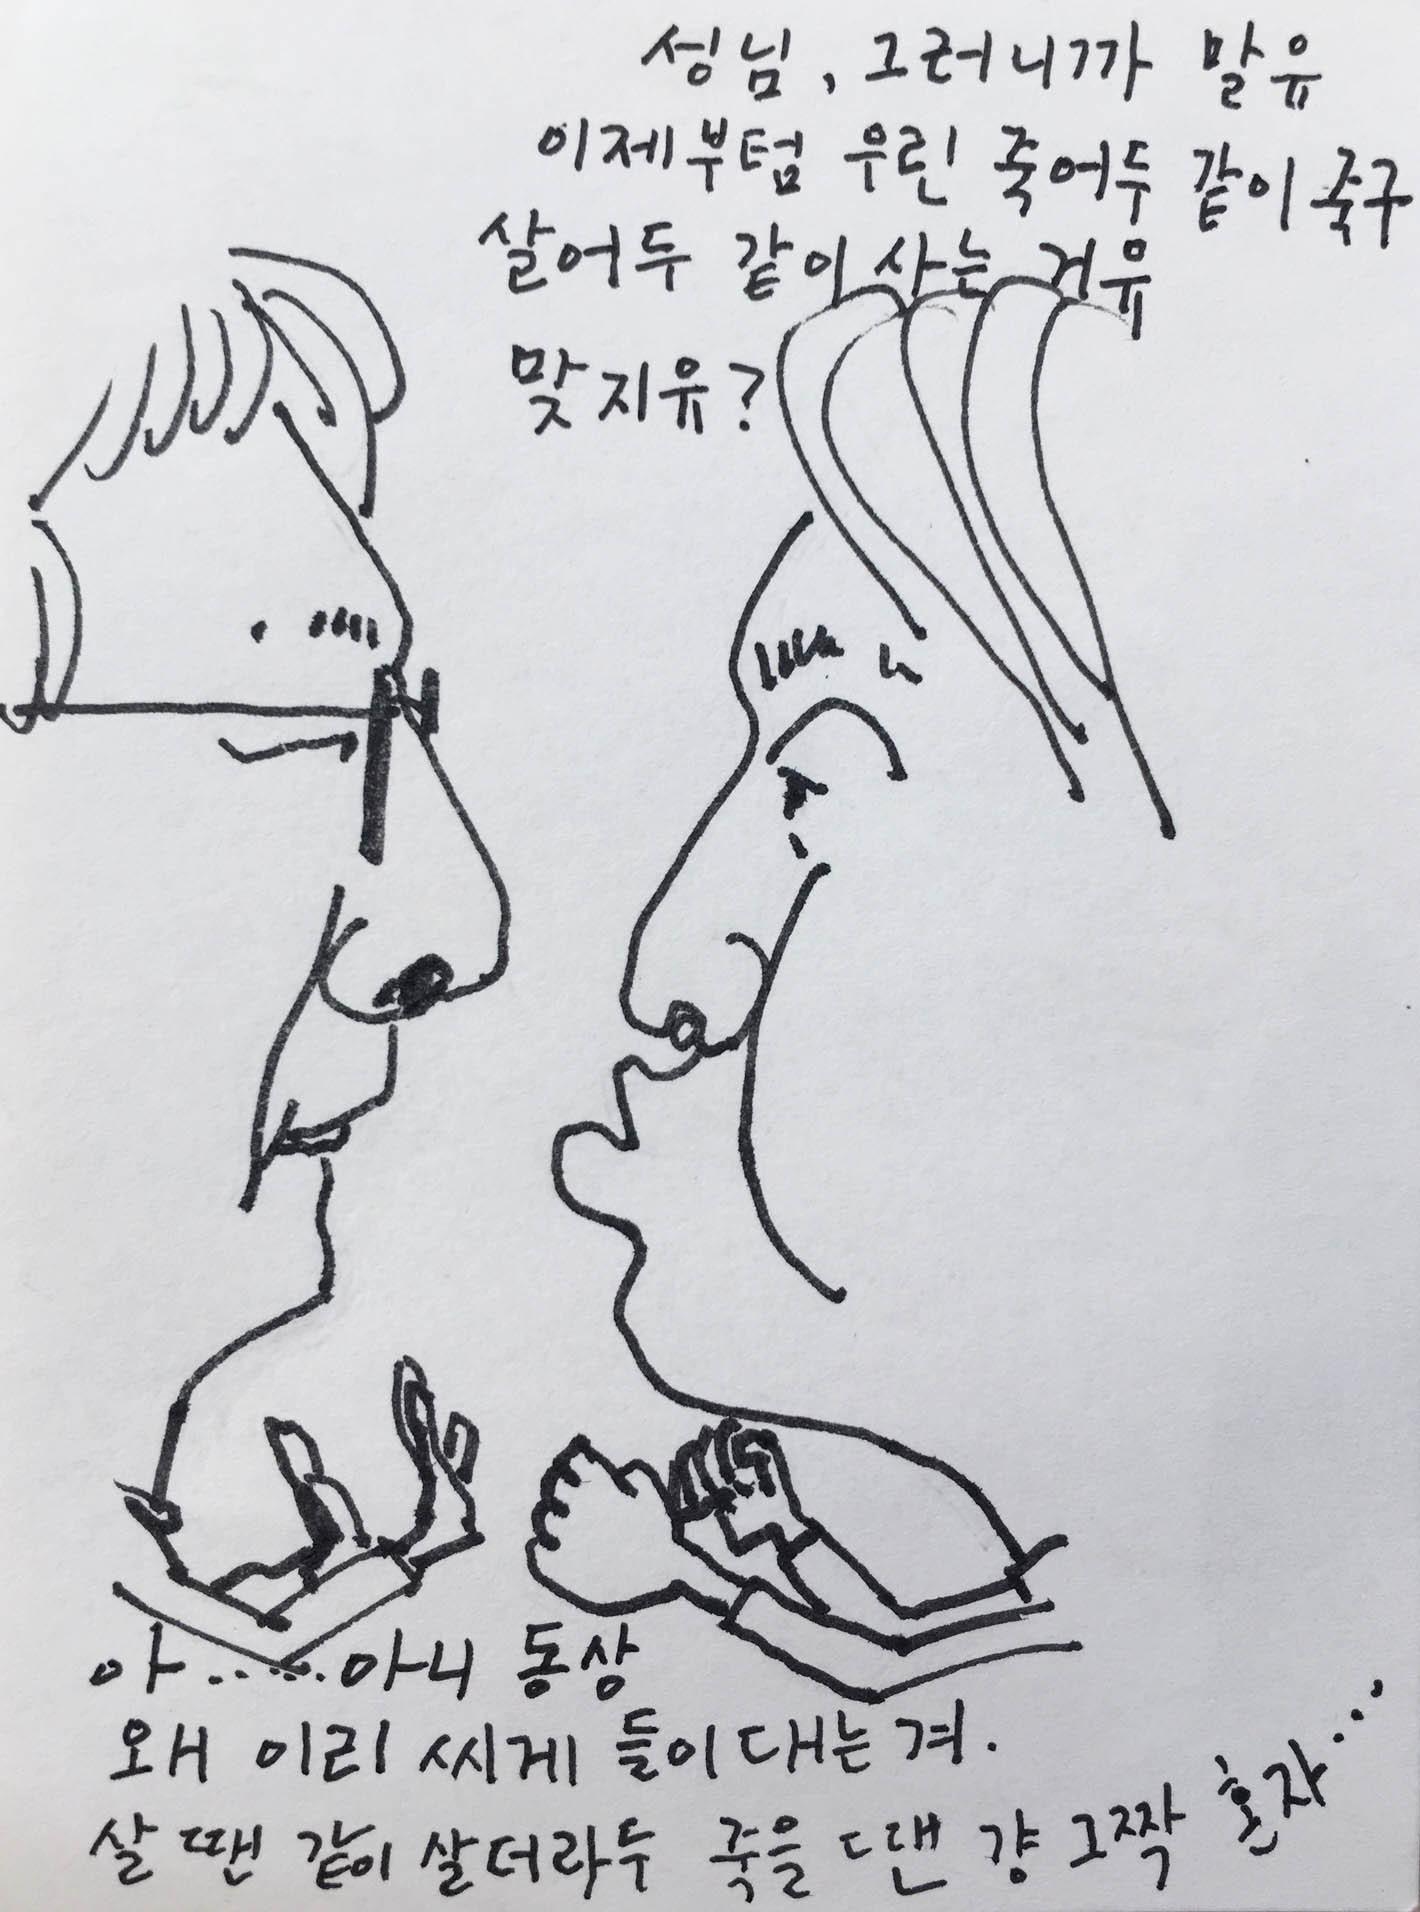 58년 개띠 유승민, 62년 범띠 안철수